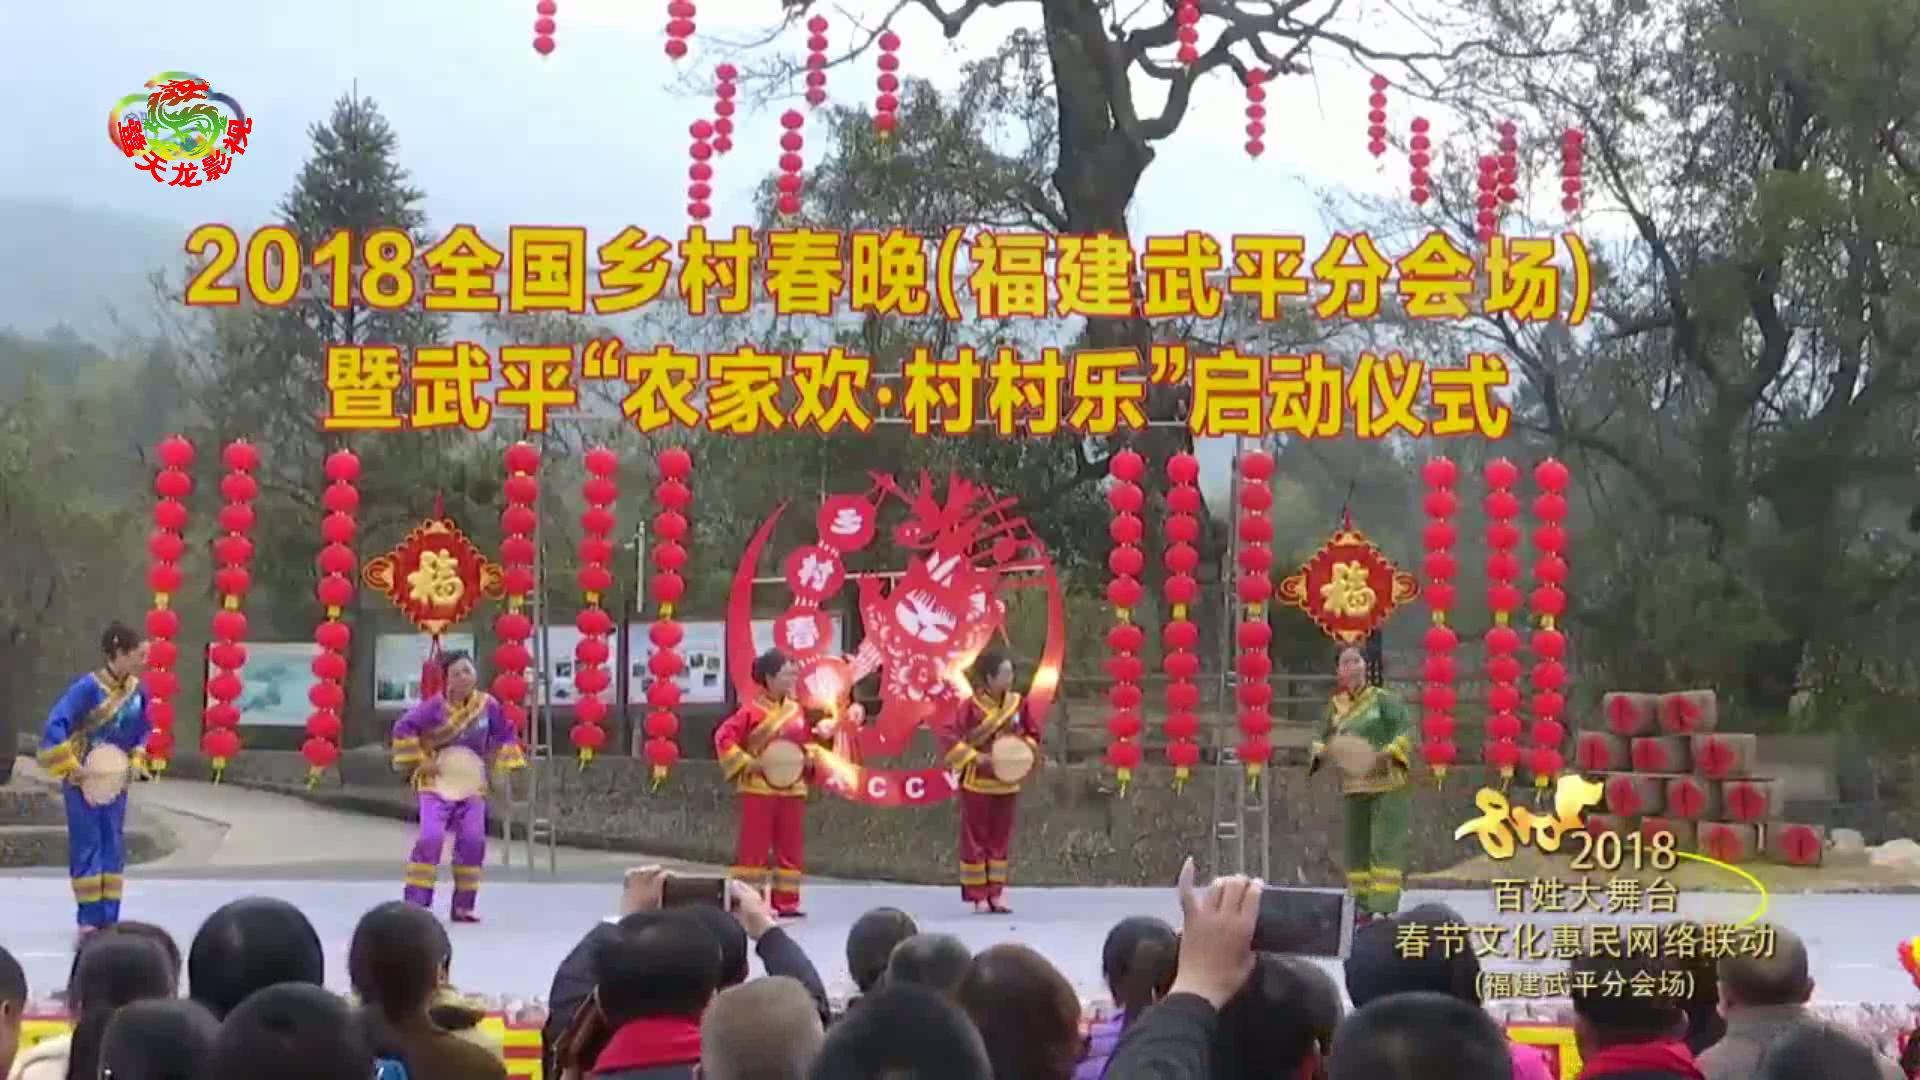 #新年套路#2018百姓大舞台春节文化惠民网络联动《五老太大喜连连》